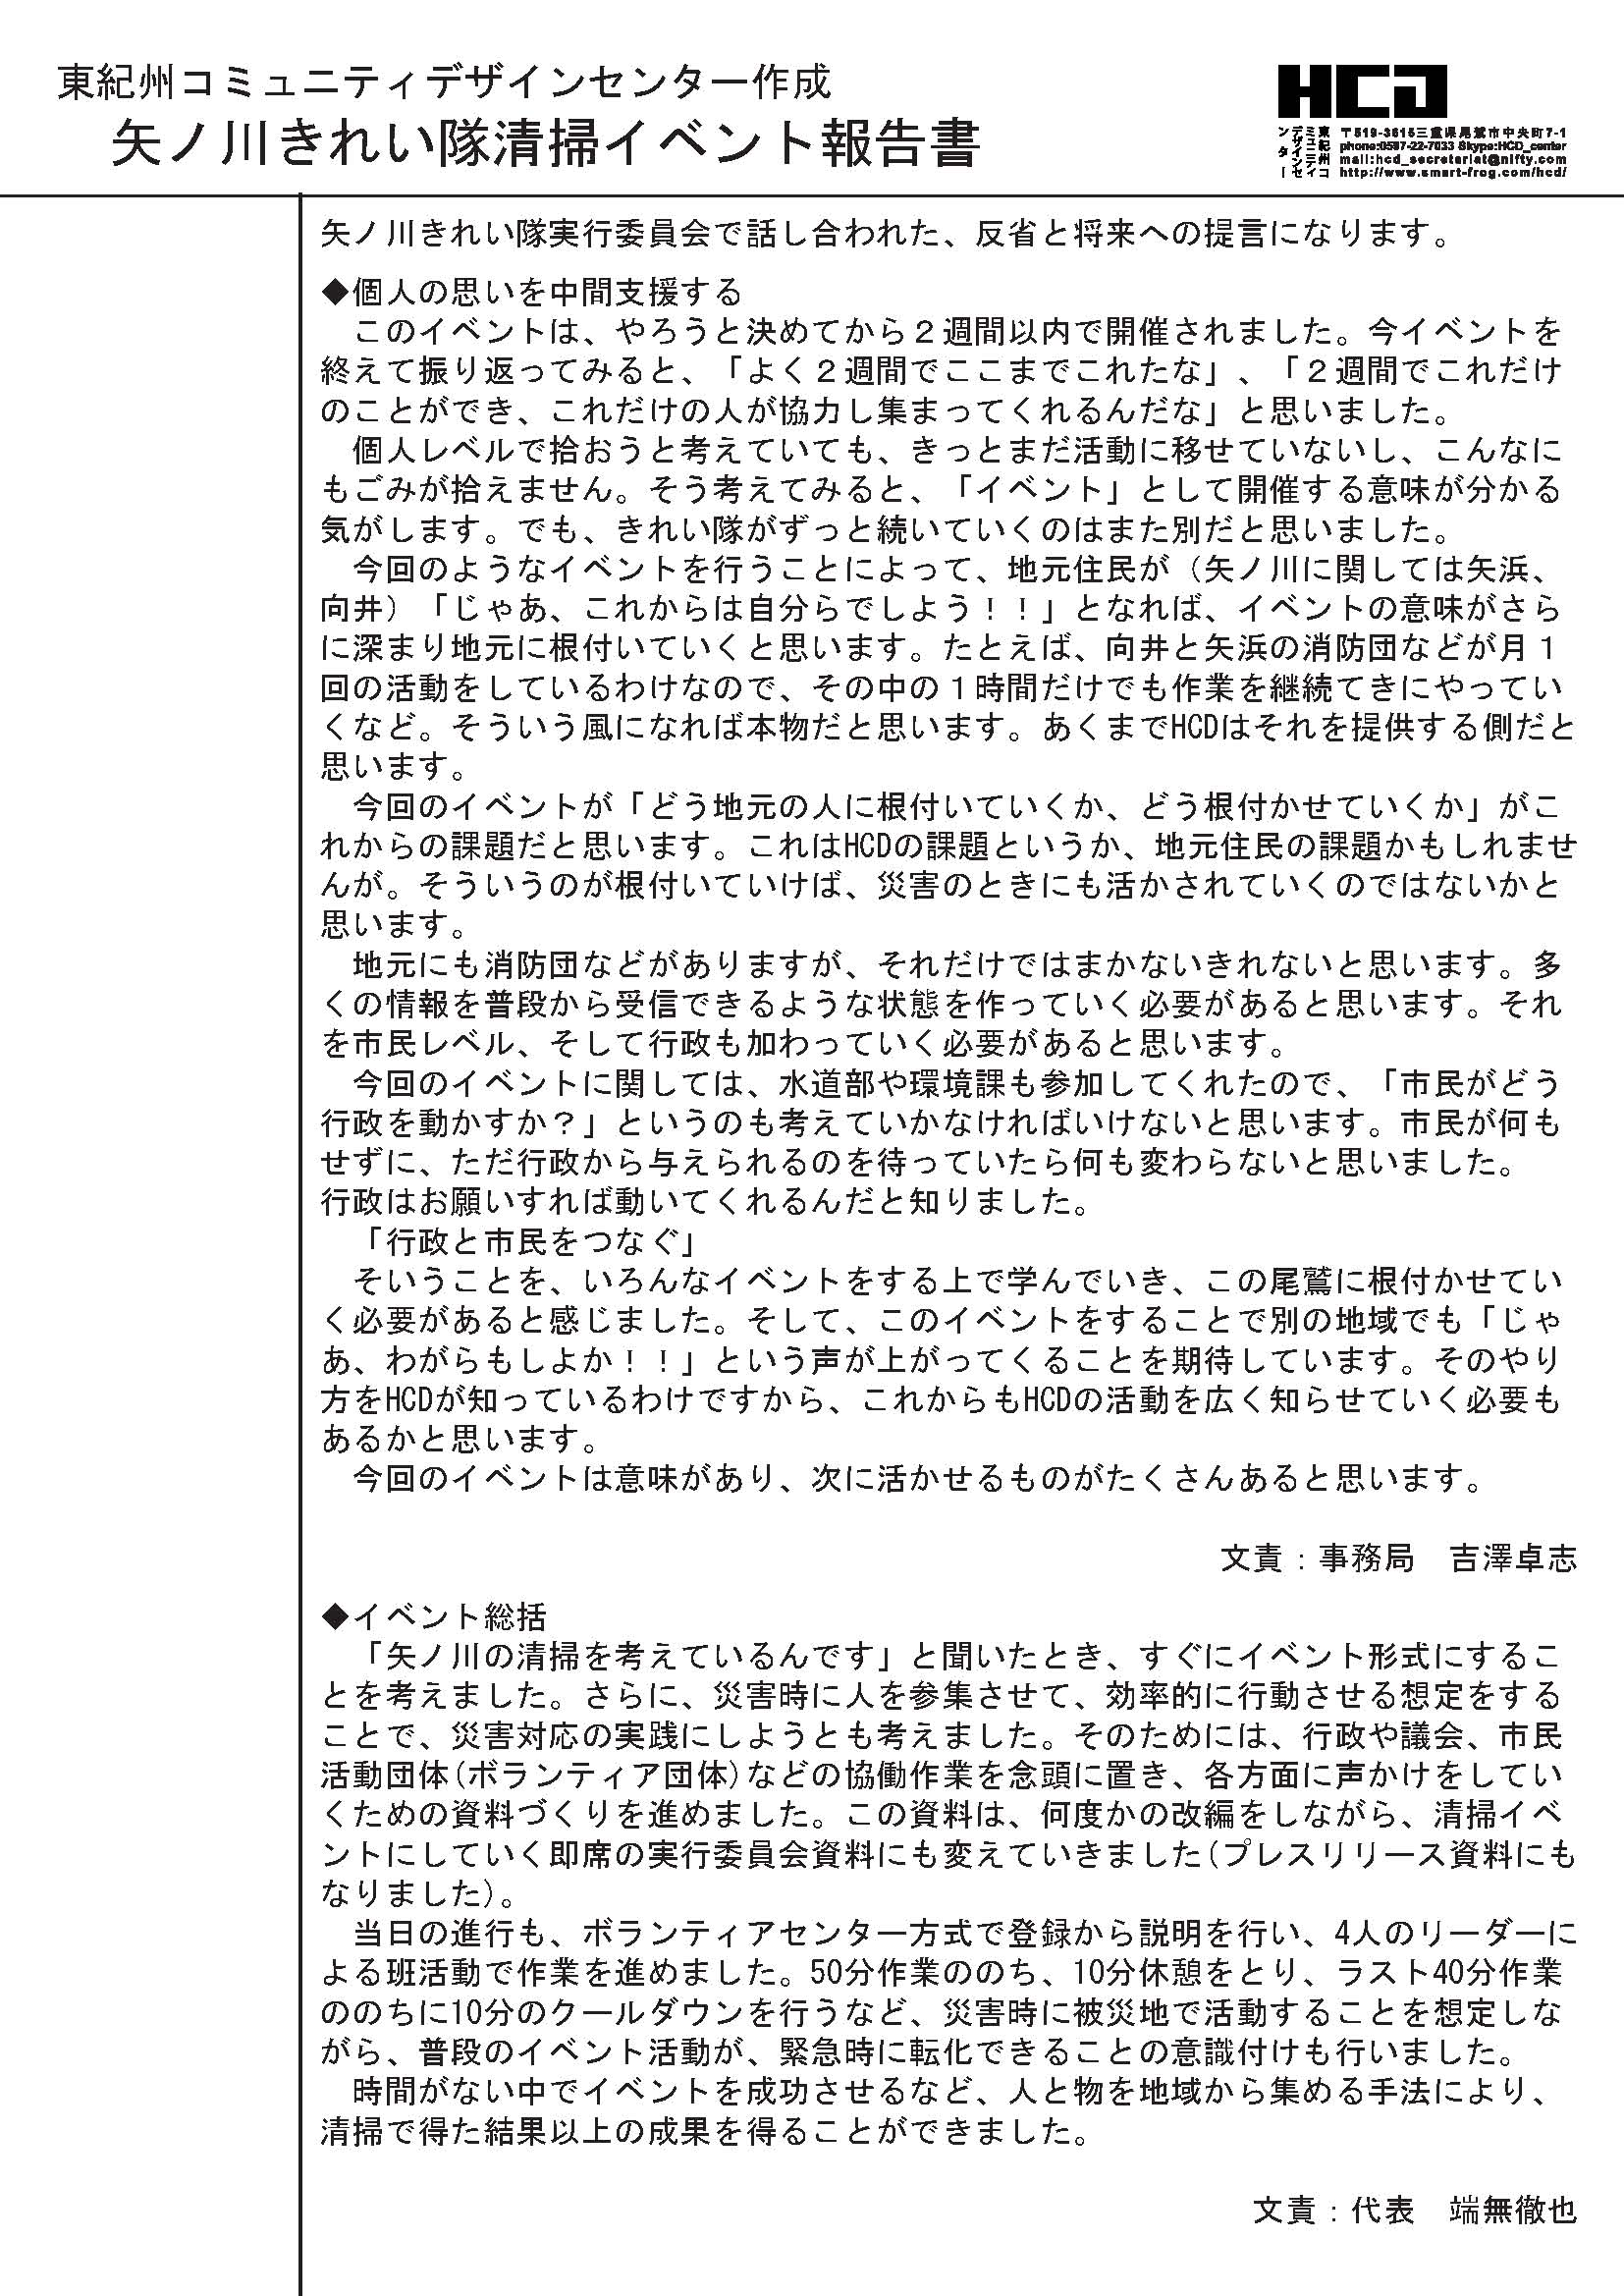 矢ノ川きれい隊清掃イベント報告書_c0010936_027117.jpg